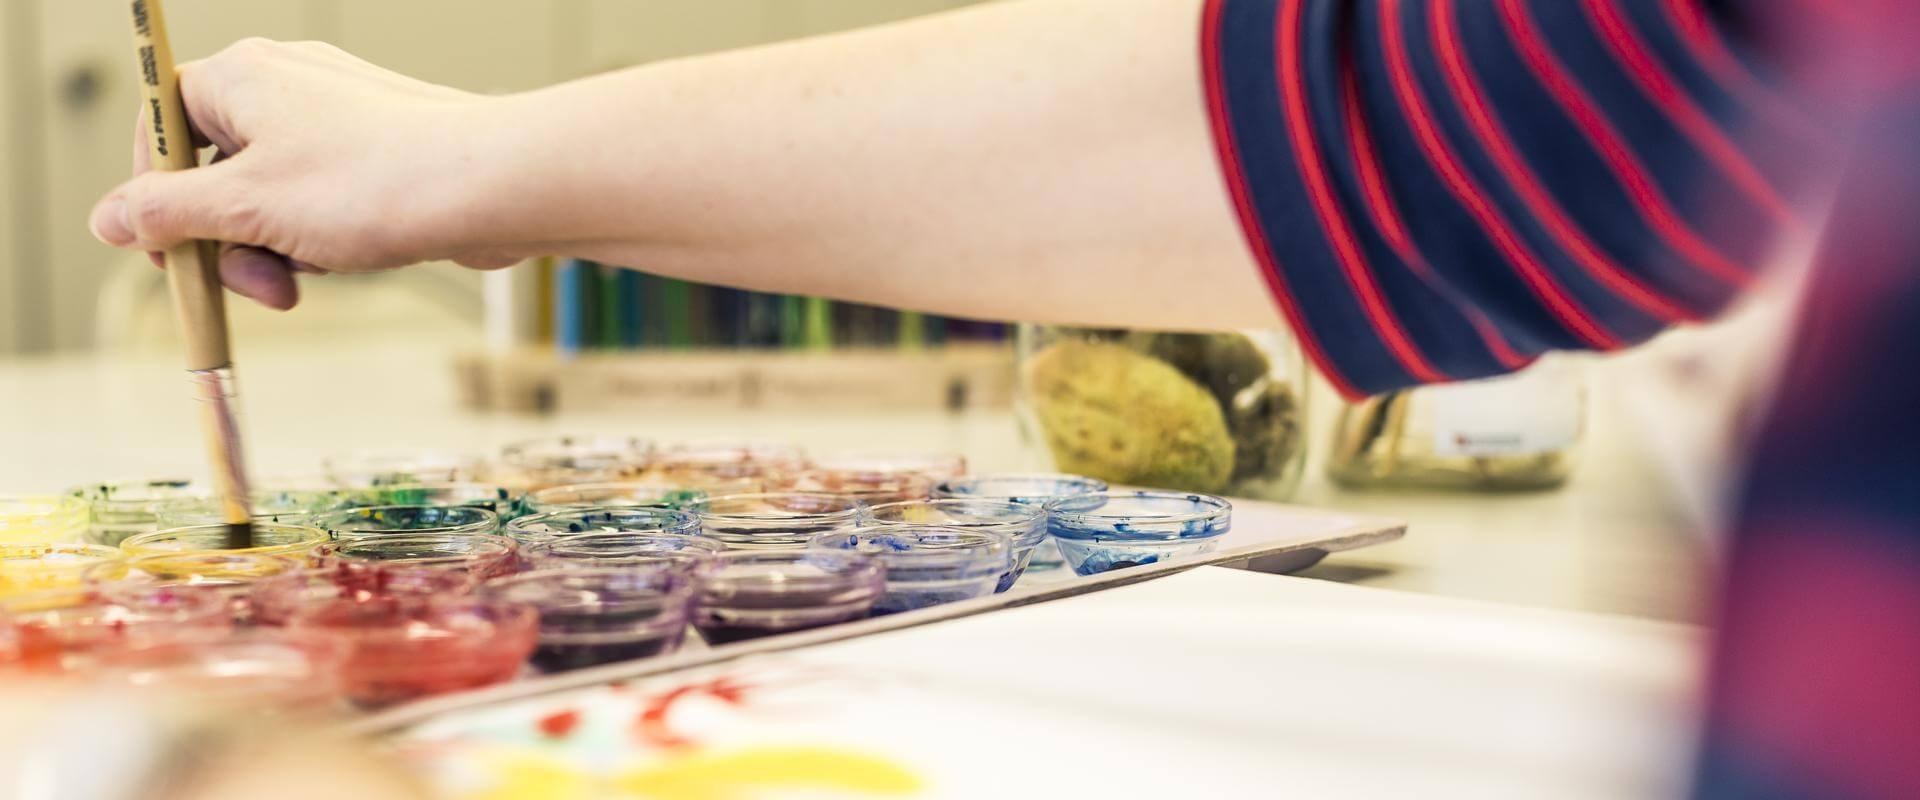 Detailaufnahme Pinsel wird in Farben getaucht in der MEDIAN Klinik Bad Lobenstein